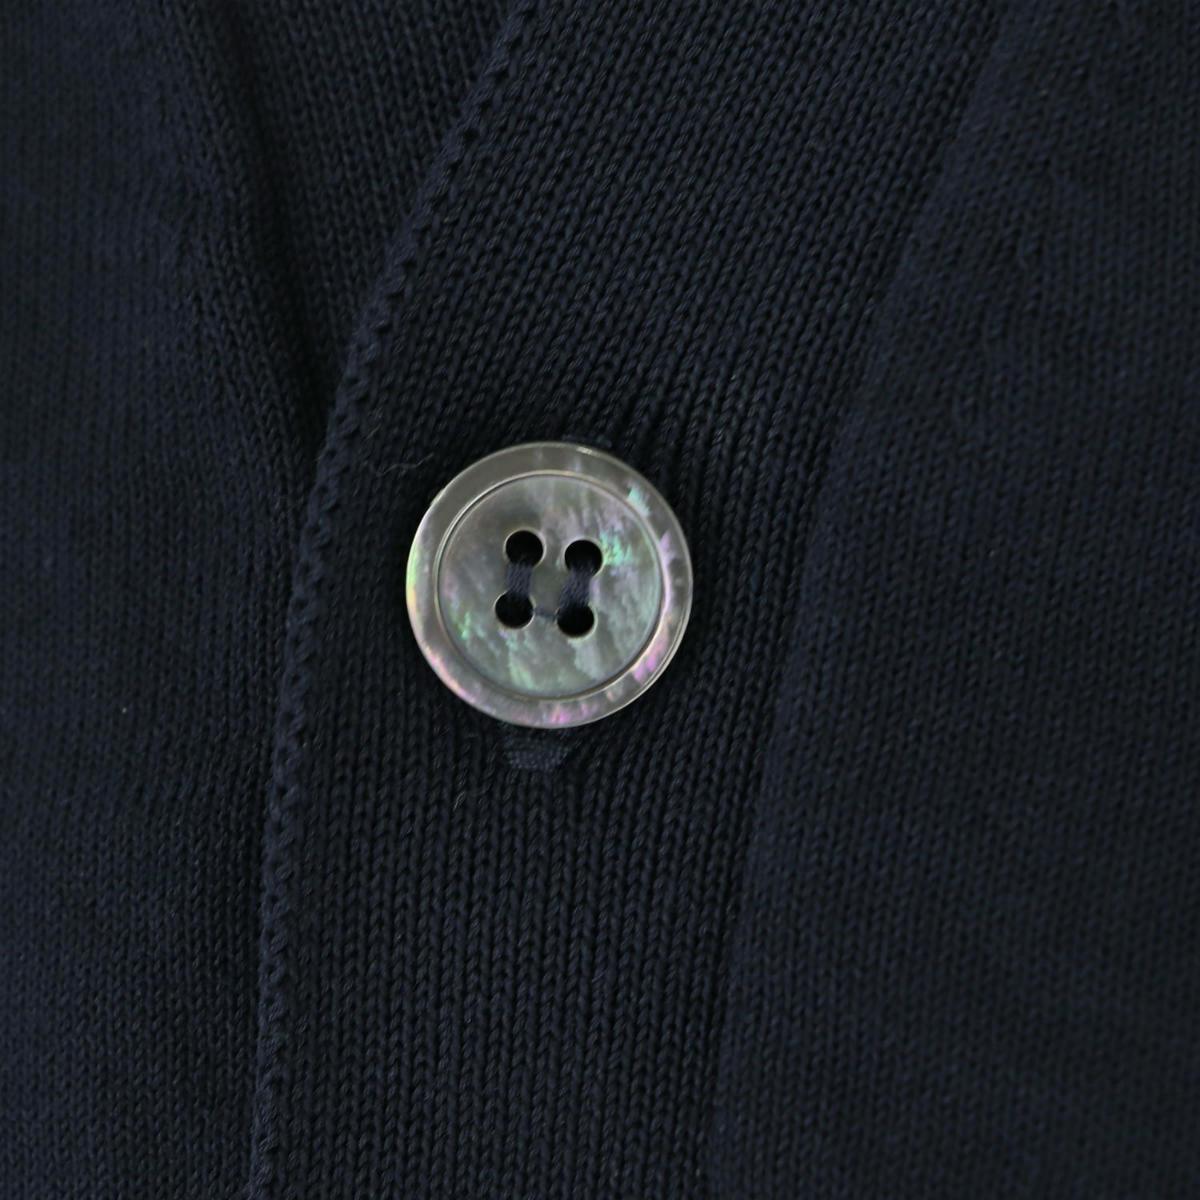 フィリッポ デ ローレンティス FILIPPO DE LAURENTIIS メンズ クレープコットン ハイゲージ サマーニットカーディガン 1110-CB11ML06 FDL 0890(ネイビー) 春夏新作